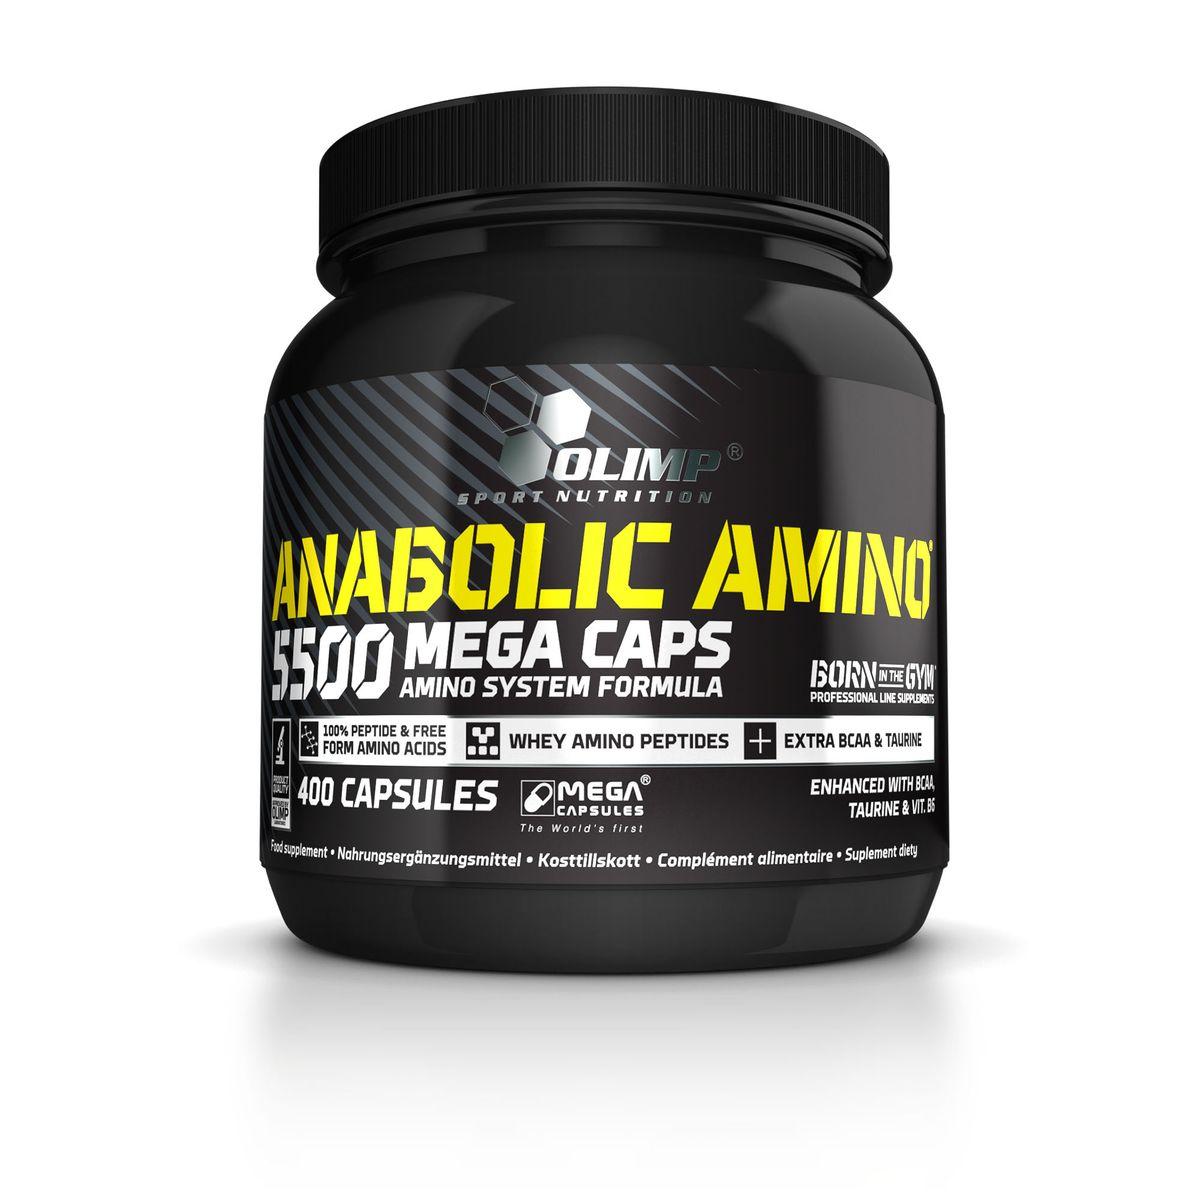 Аминокислоты Olimp Sport Nutrition Anabolic Amino 5500, 400 капсул4607062759189Olimp Sport Nutrition Anabolic Amino 5500 является препаратом, в состав которого входит комплекс пептидов и свободных аминокислот, необходимых для синтеза белка в мышечных клетках организма. Содержит дополнительный резерв разветвленных (BCAA) (Л-лейцин, Л-валин, Л-изолейцин) аминокислот, а также таурин. Разветвленные аминокислоты составляют около 35% мышечной ткани тела, и, следовательно, дополняют столь важную роль в поддержании баланса азота в организме. Витамин B6 является необходимым коэнзимом в метаболических реакциях изменений белков, жиров и углеводов. Рекомендации по применению: принимать 1 порцию (6 капсул) 2-3 раза в день. Состав: 83% гидролизат сывороточного белка, 14% аминокислоты с разветвлённой цепью (Л-лейцин, Л-валин, Л-изолейцин), 2,5% таурин, 0,02% витамин B6, микрокристаллическая целлюлоза, стеарат магния, желатин, краситель Е171. Товар сертифицирован.